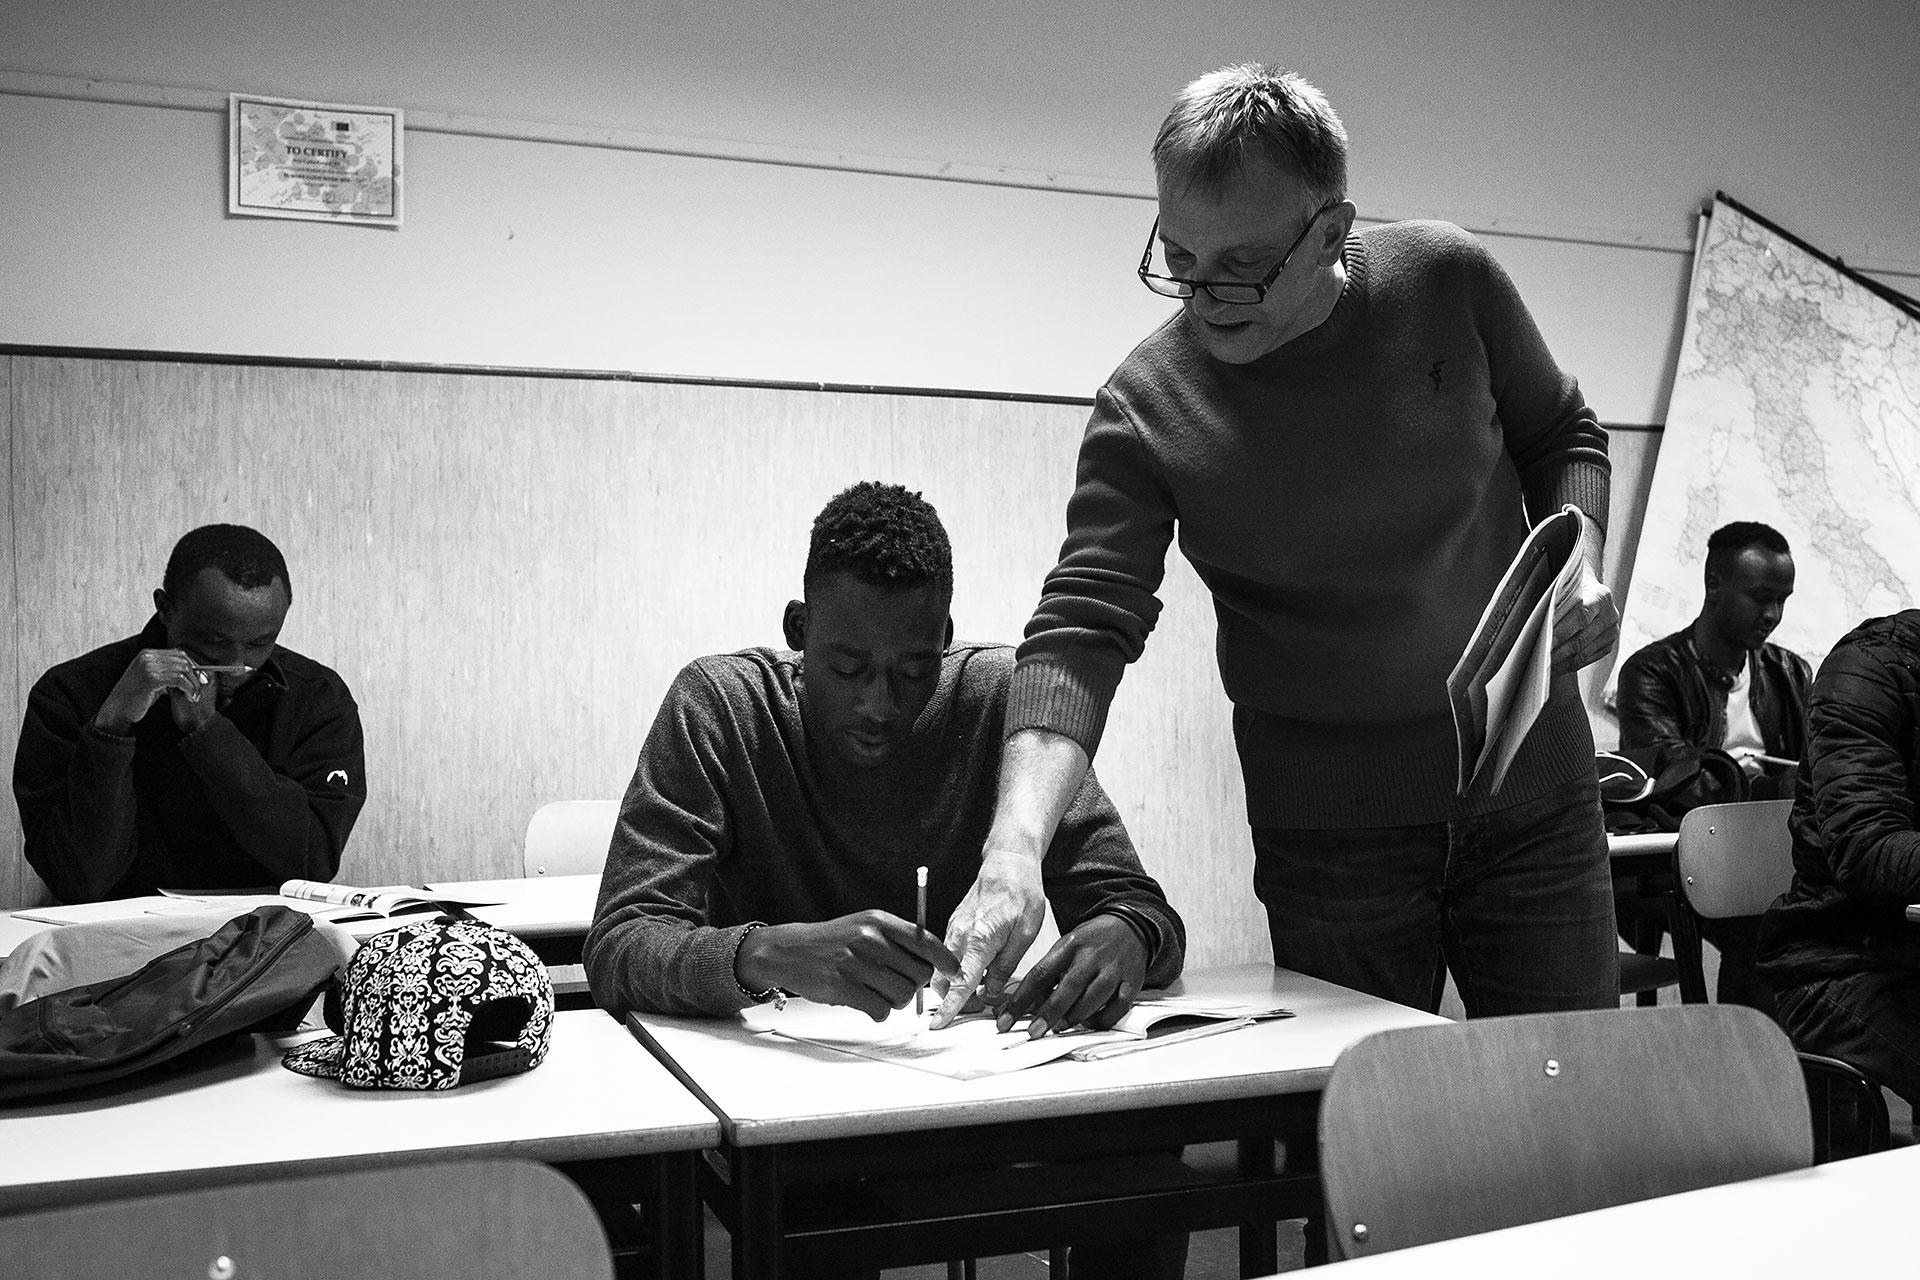 Malick asiste a clases de italiano dos veces por semana. En ellas, él y sus compañeros aprenden habilidades básicas de conversación, así como a preparar su curriculum vitae.